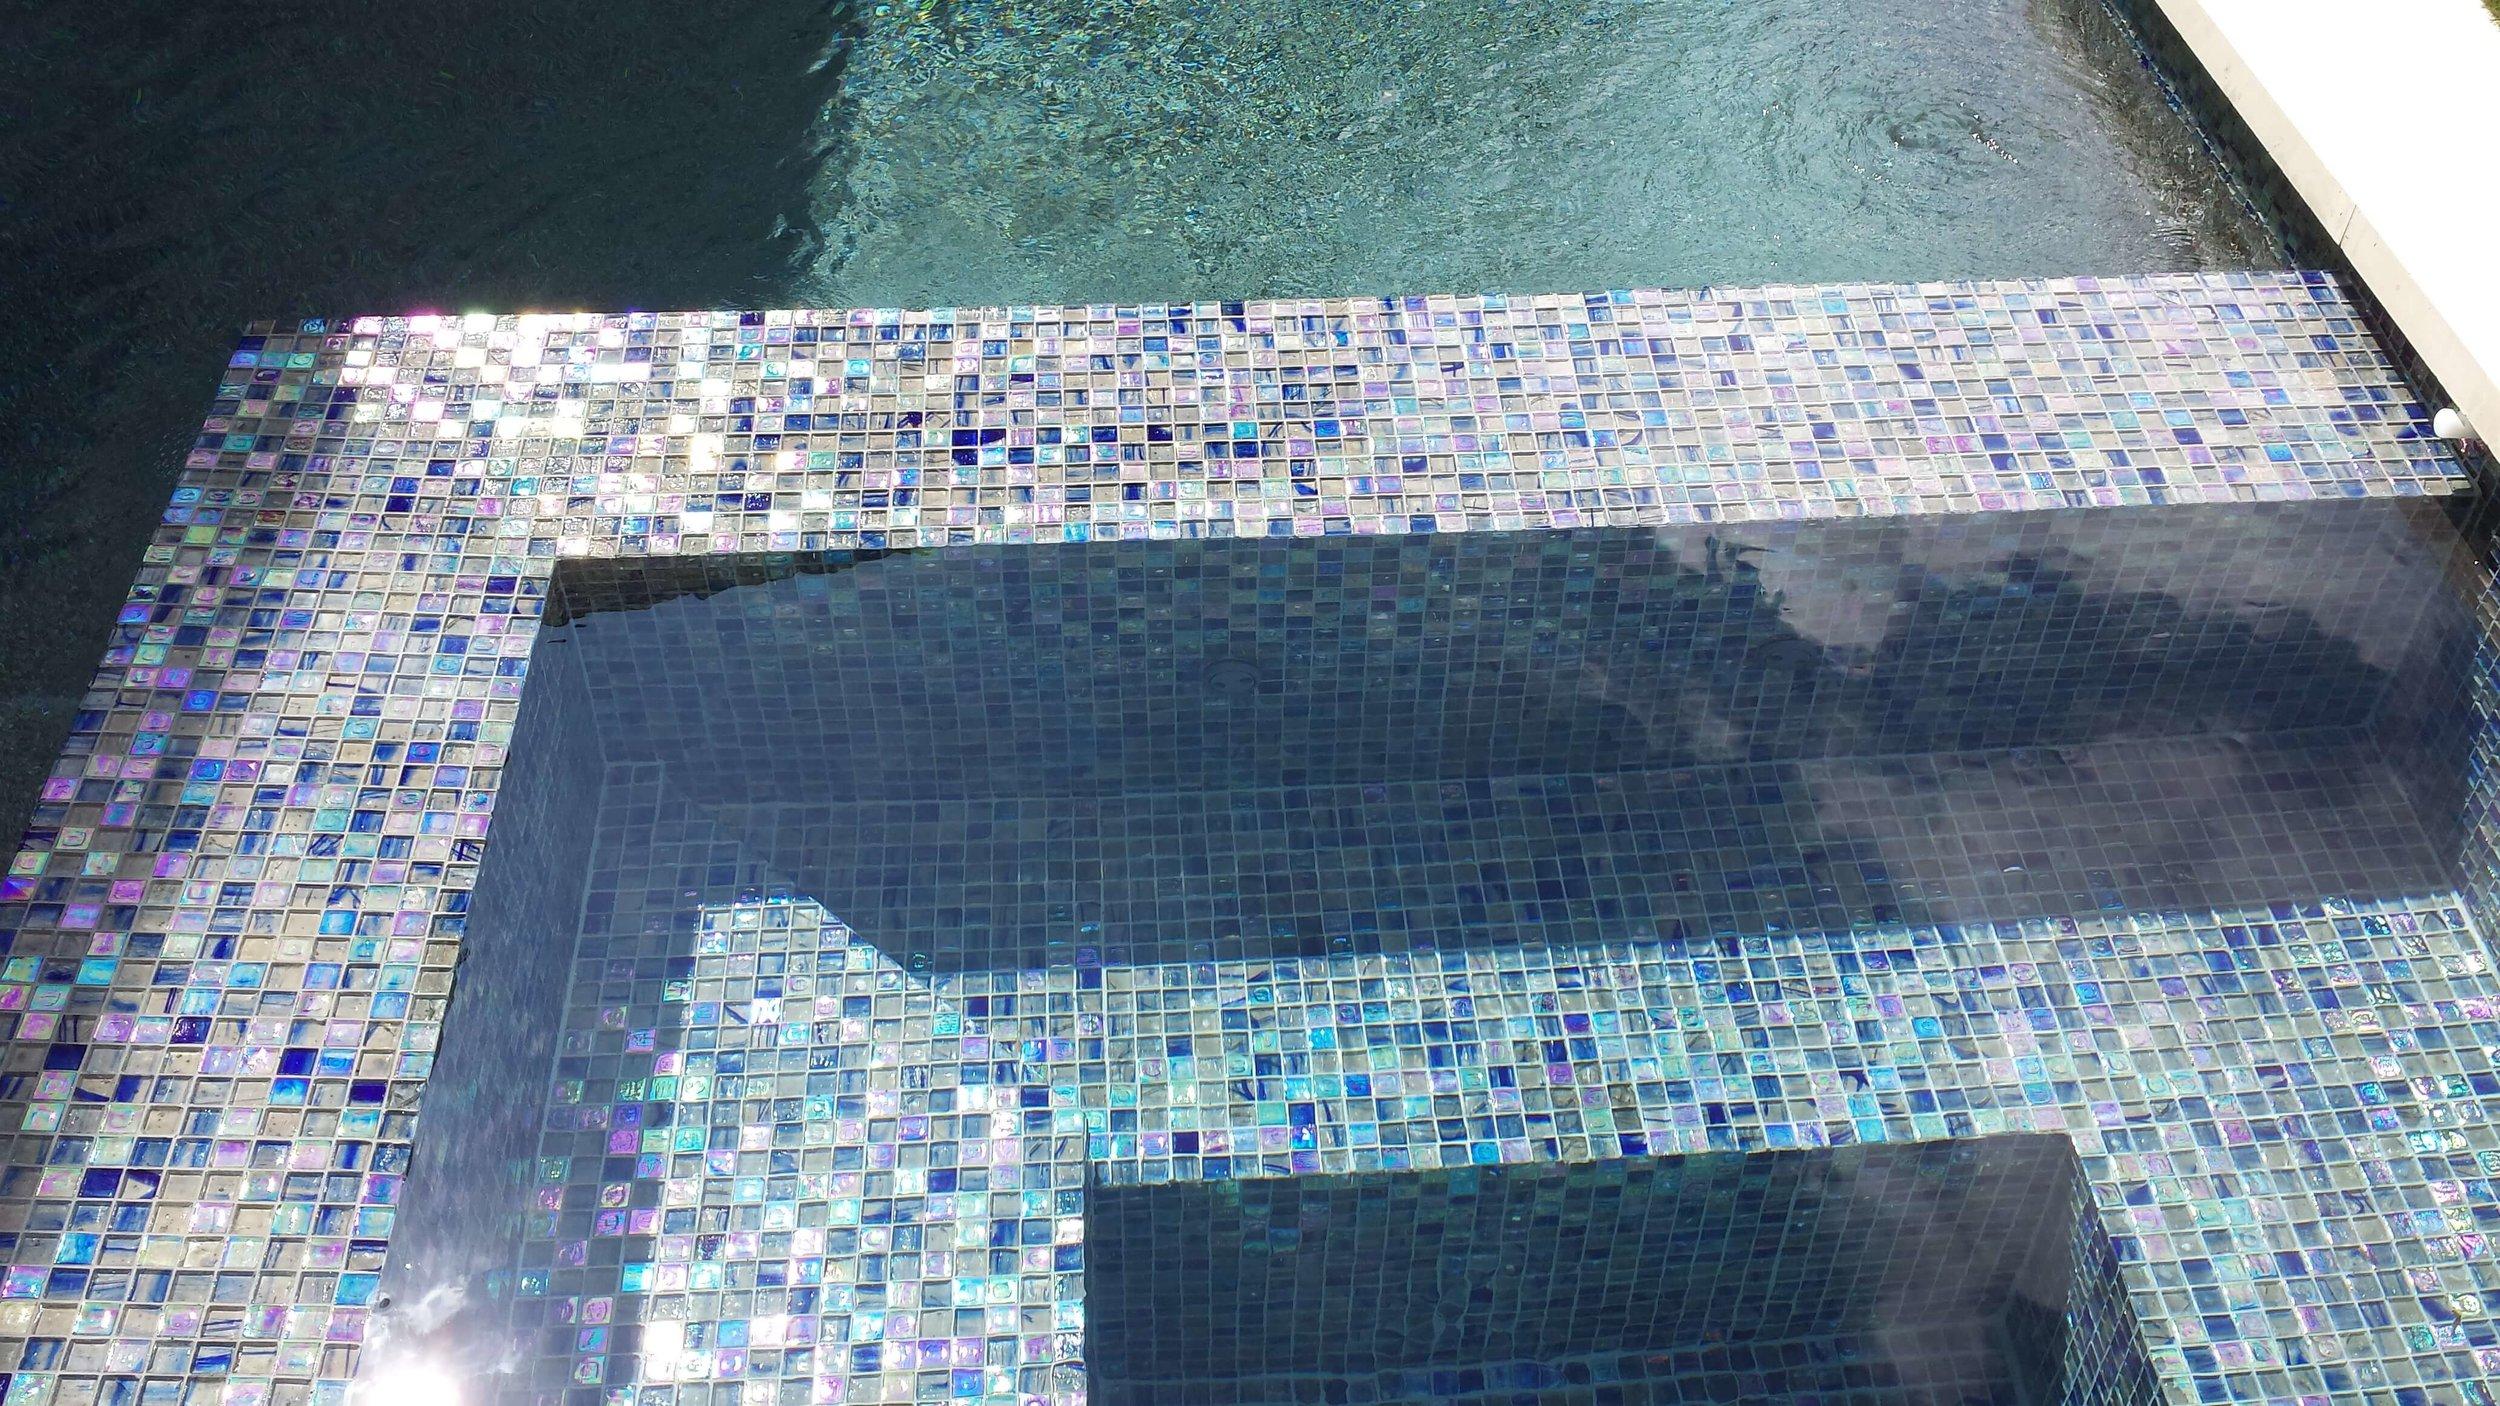 Hirsch-Glass-Tile-JI0623.jpg